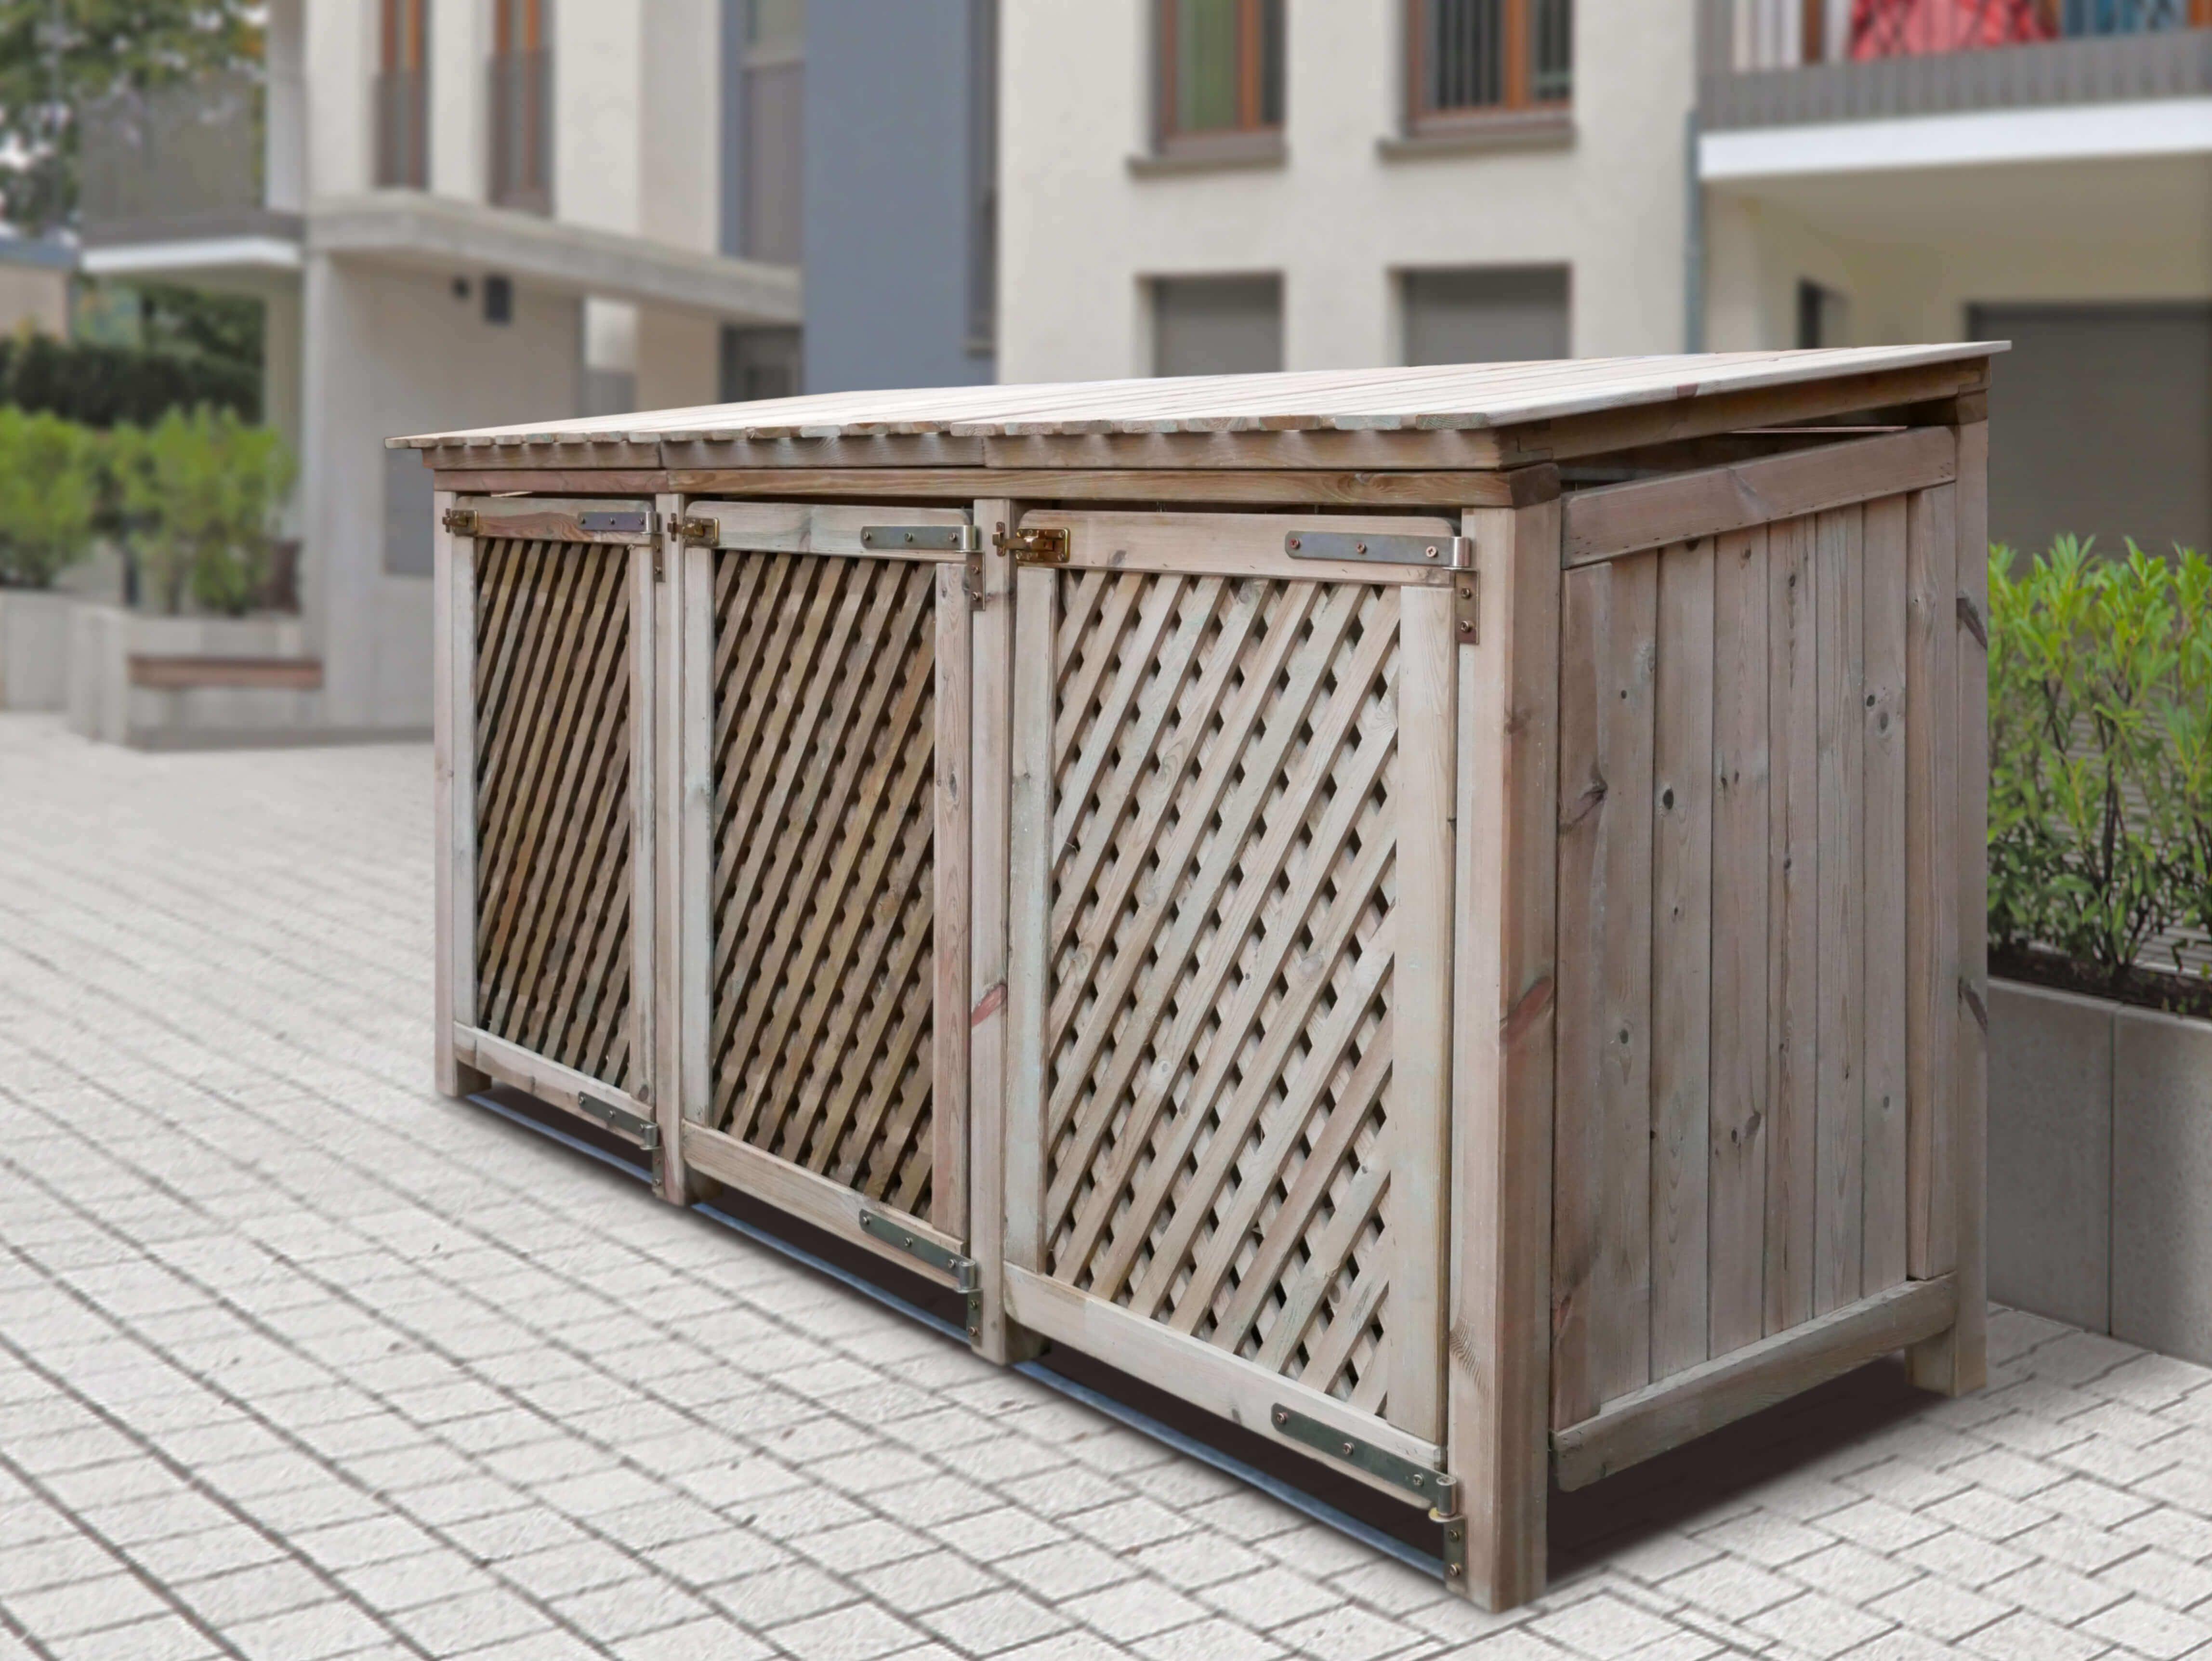 Mülltonnen 3 er Box Baltrum braun und natur